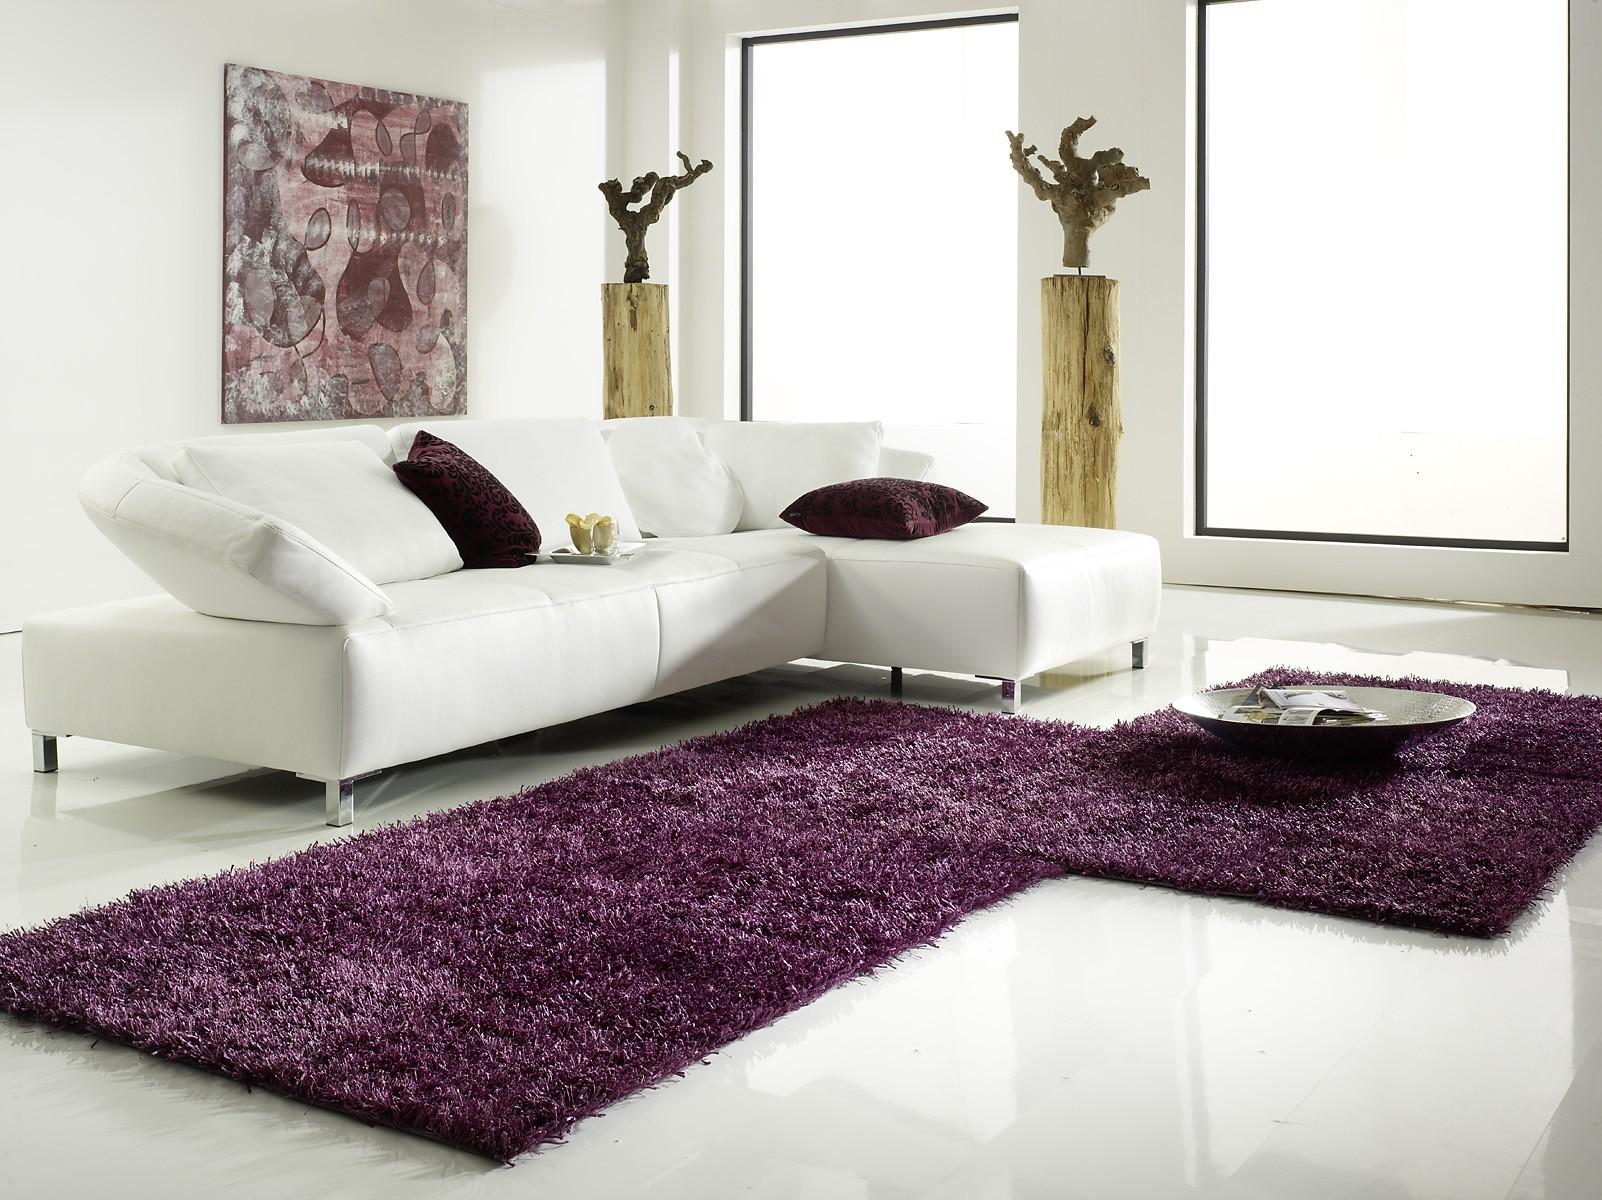 Teppich Al Mano Beispiel: grosse L-Form in lila mit weißer Möbelsitzgruppe